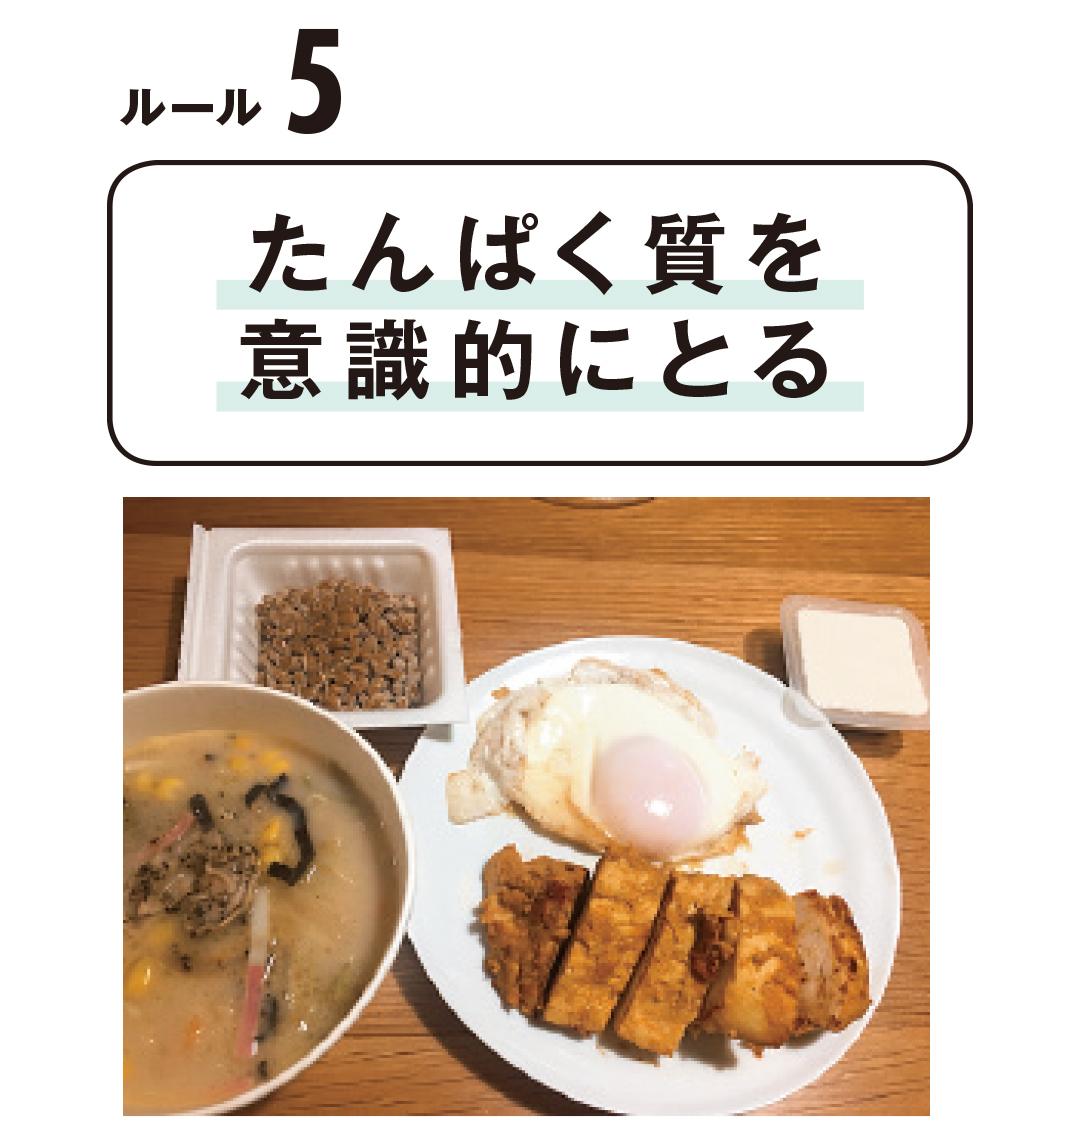 食べ物で痩せたい人必見! 専属読モ・細野ゆうかさんが-3.6kgを達成した6つのルール_1_2-5